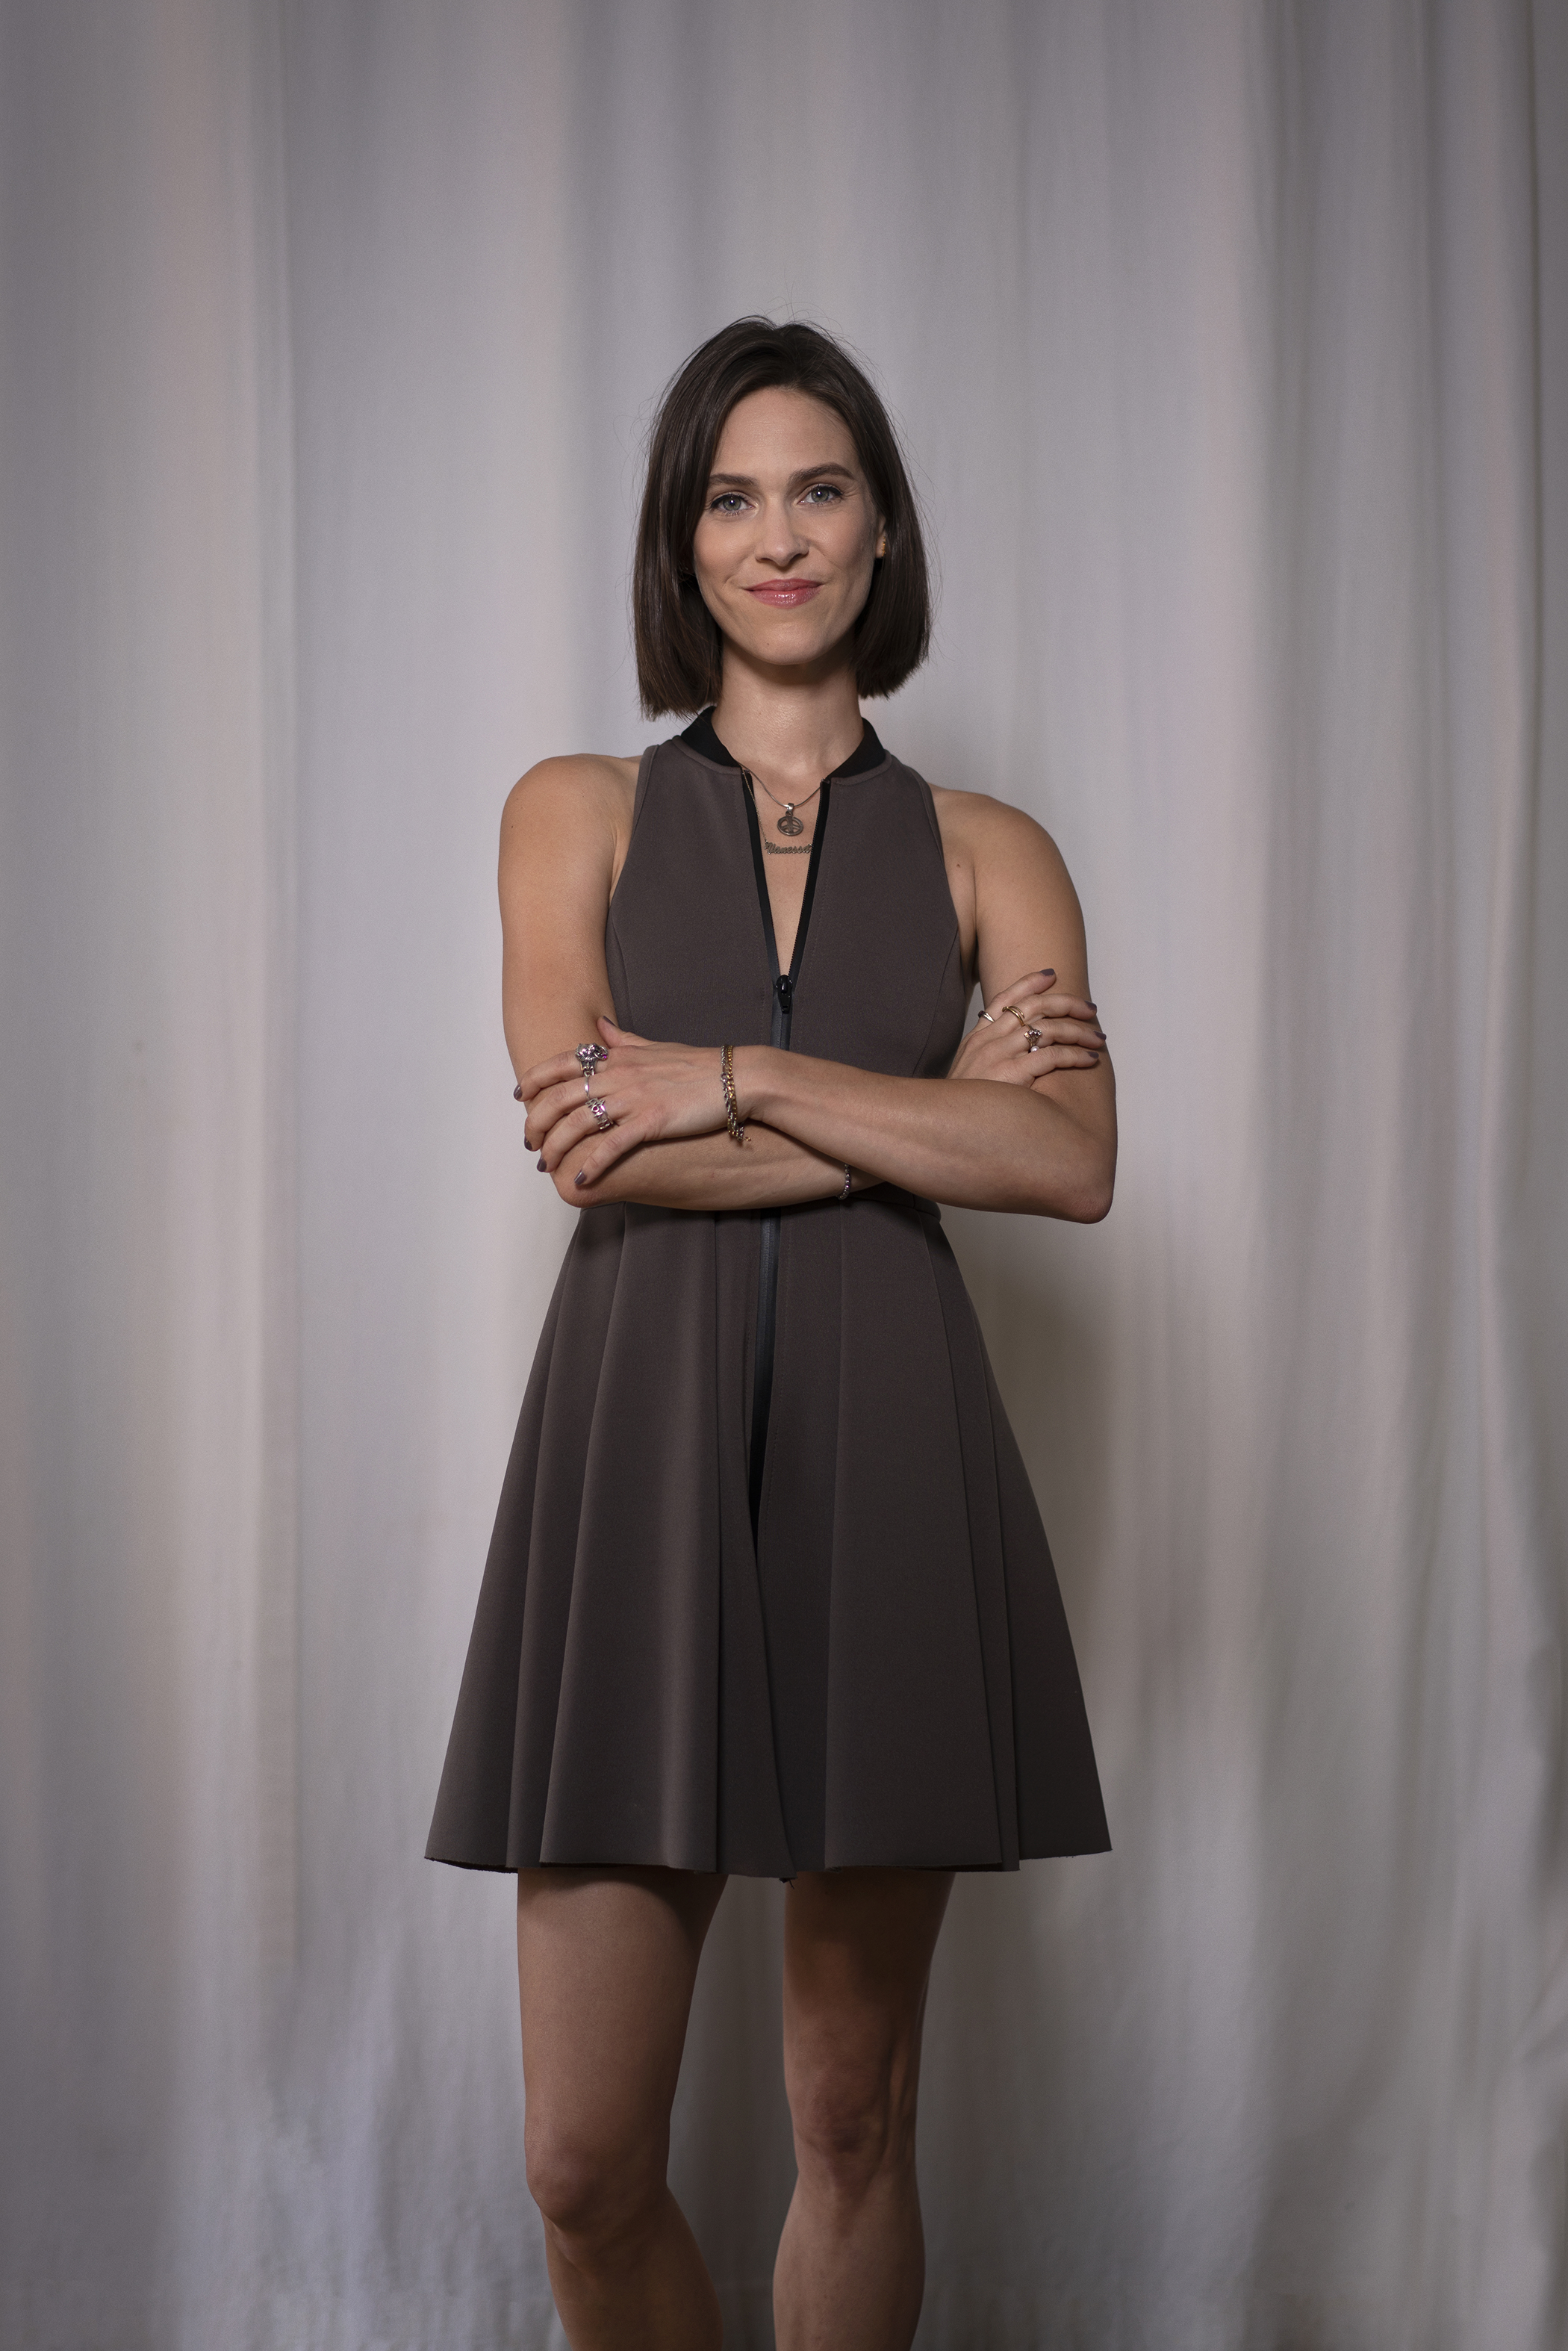 Vanessa Vick